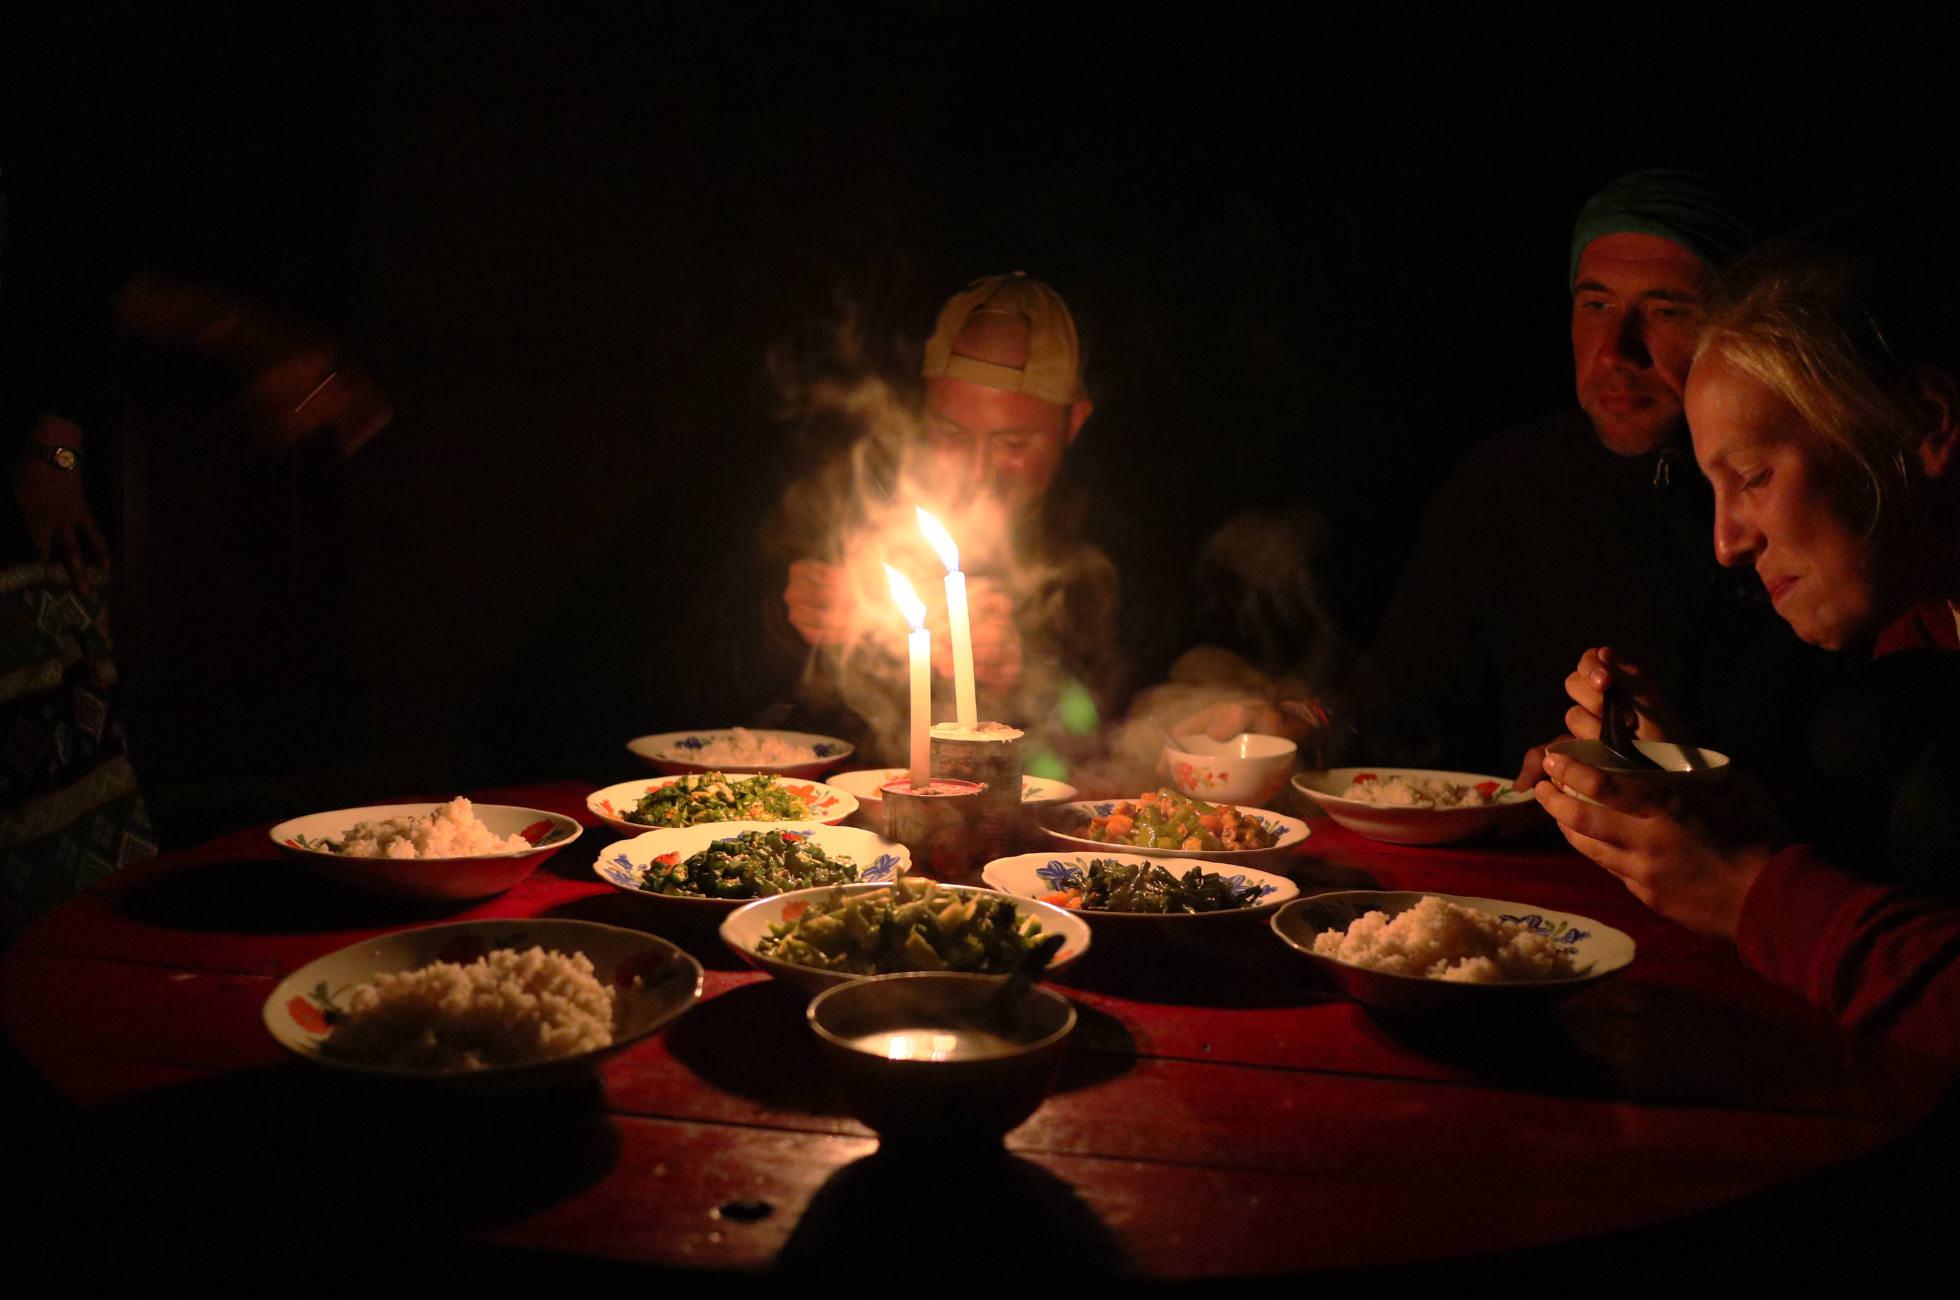 Burmesisches Curry bei Kerzenschein